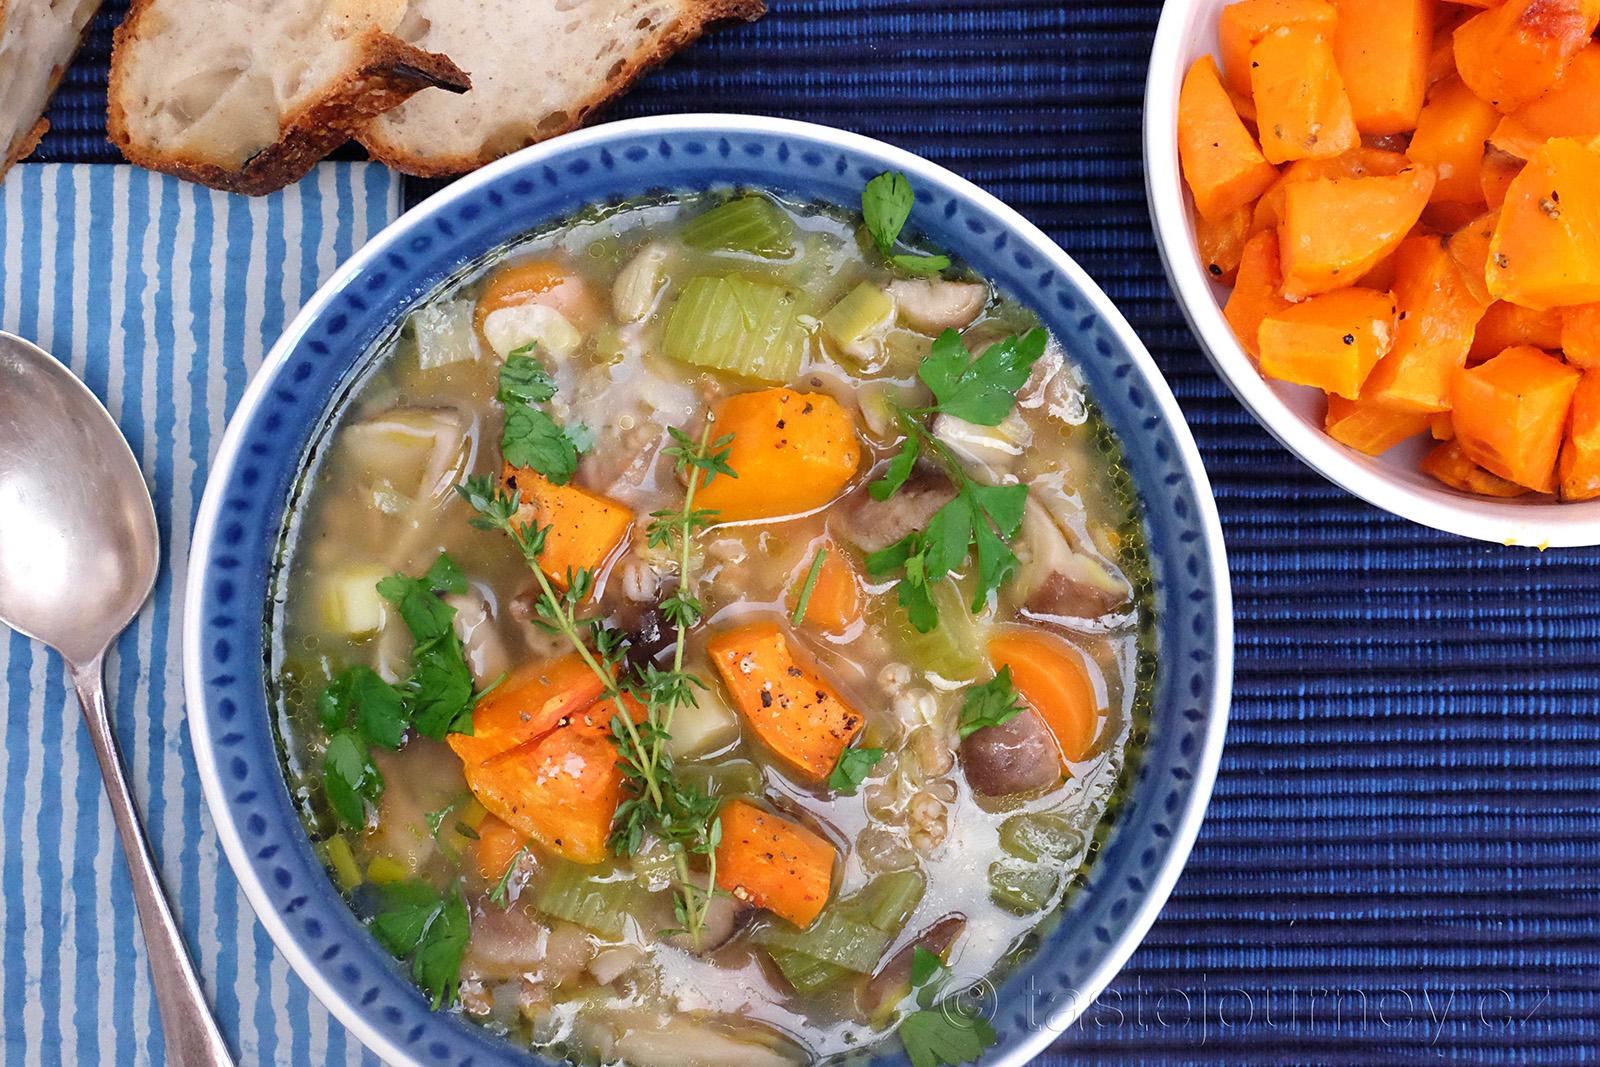 Barevná a chutná dýně oživí houbovou polévku